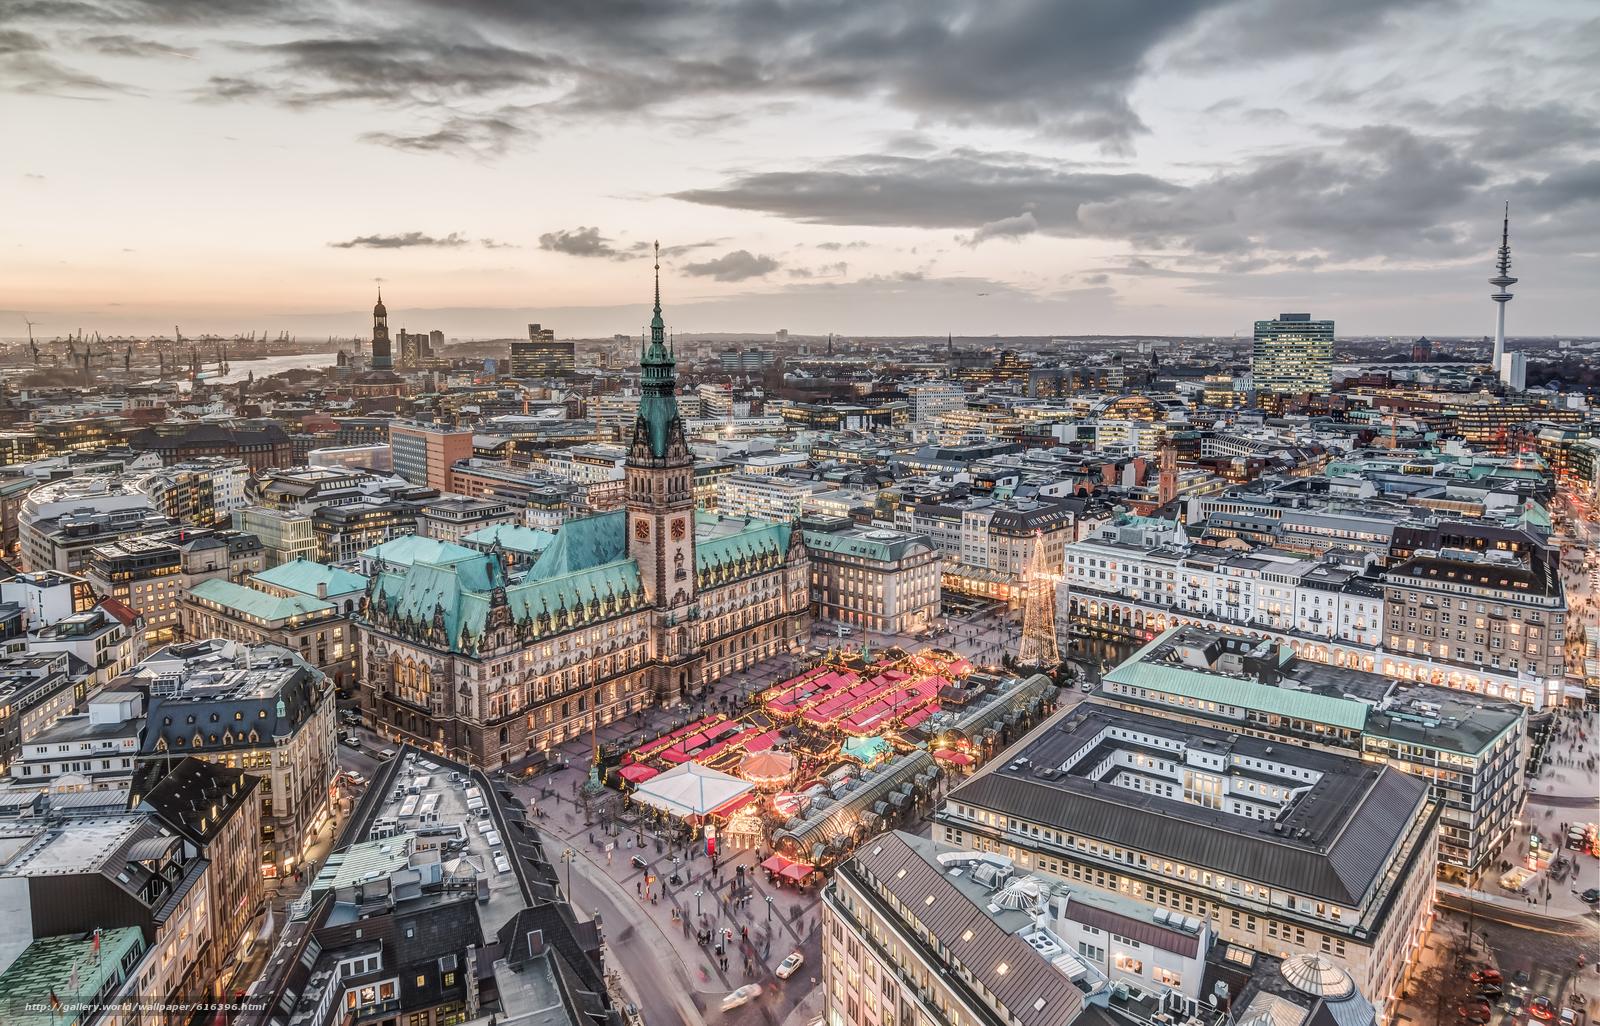 hamburg germany christmas markets 2018